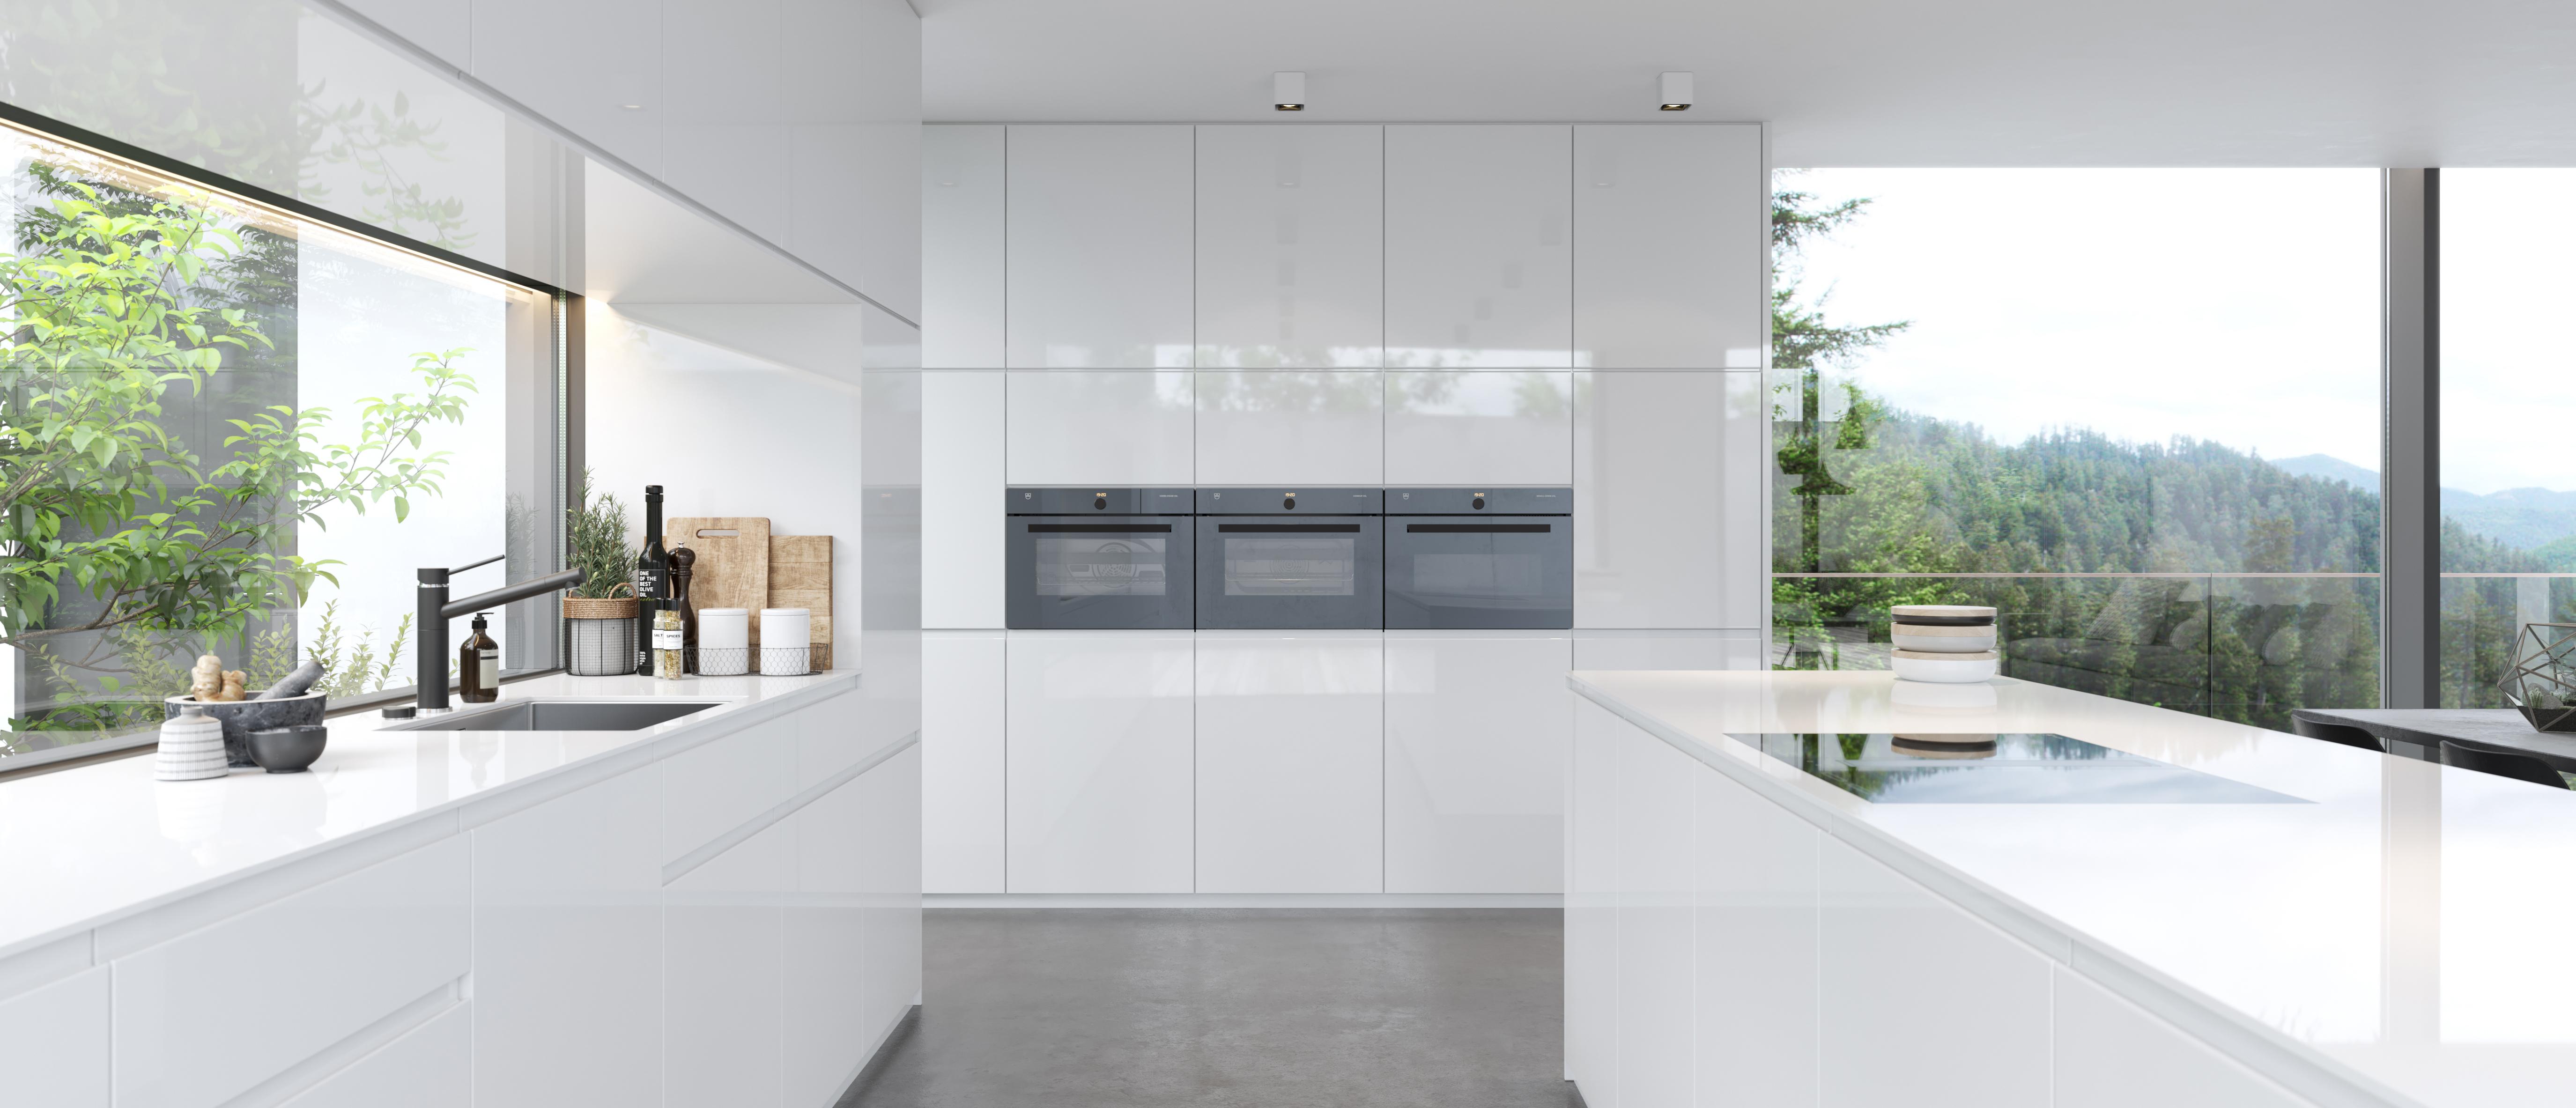 cuisine v zug sa suisse. Black Bedroom Furniture Sets. Home Design Ideas